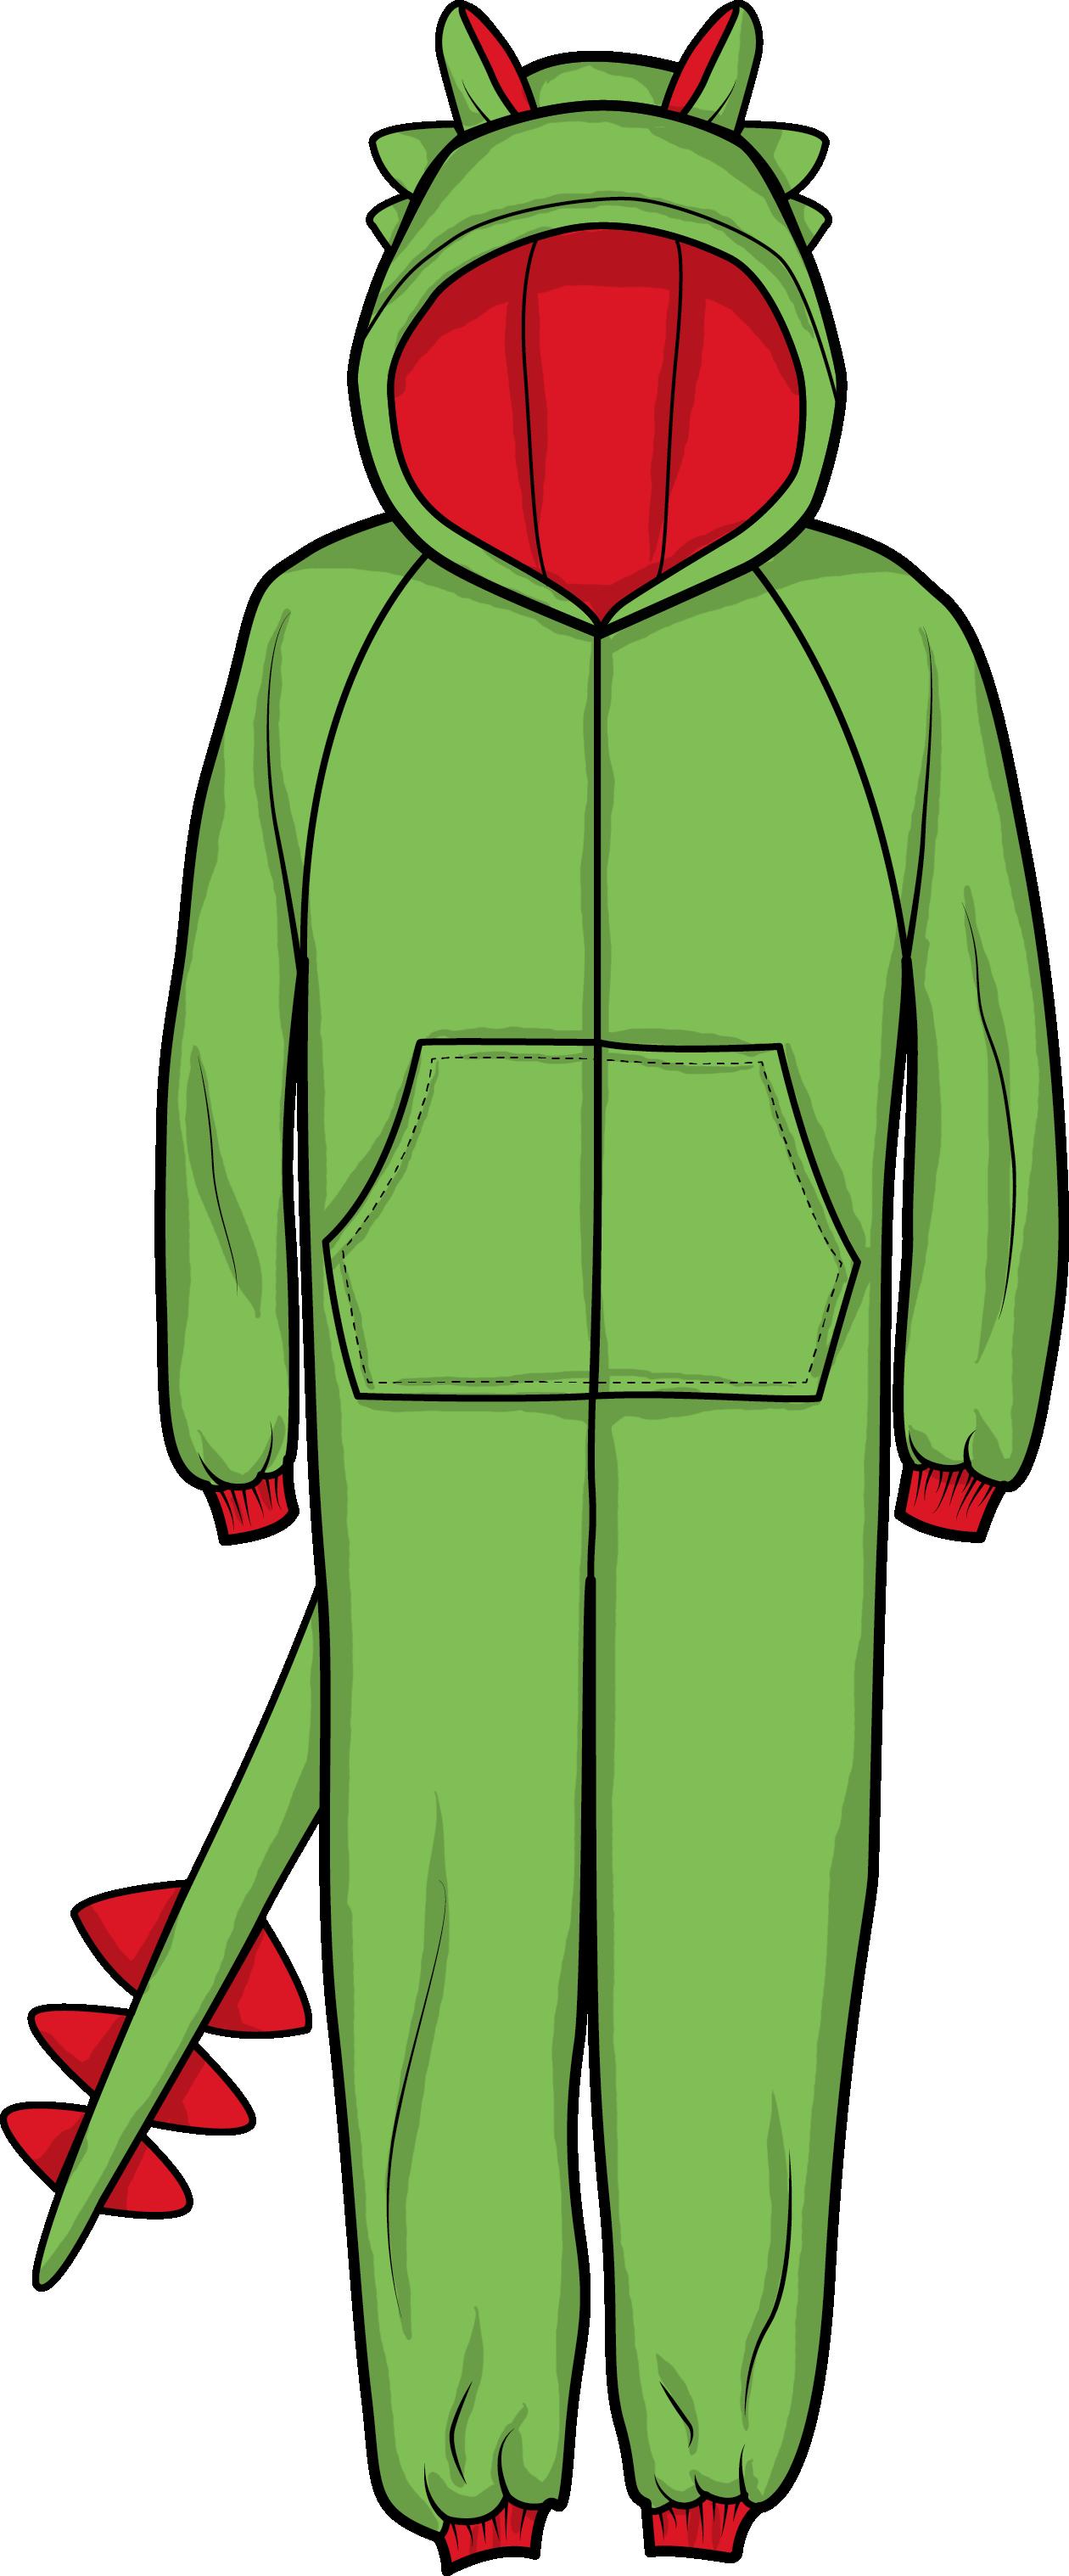 navy clipart onesie